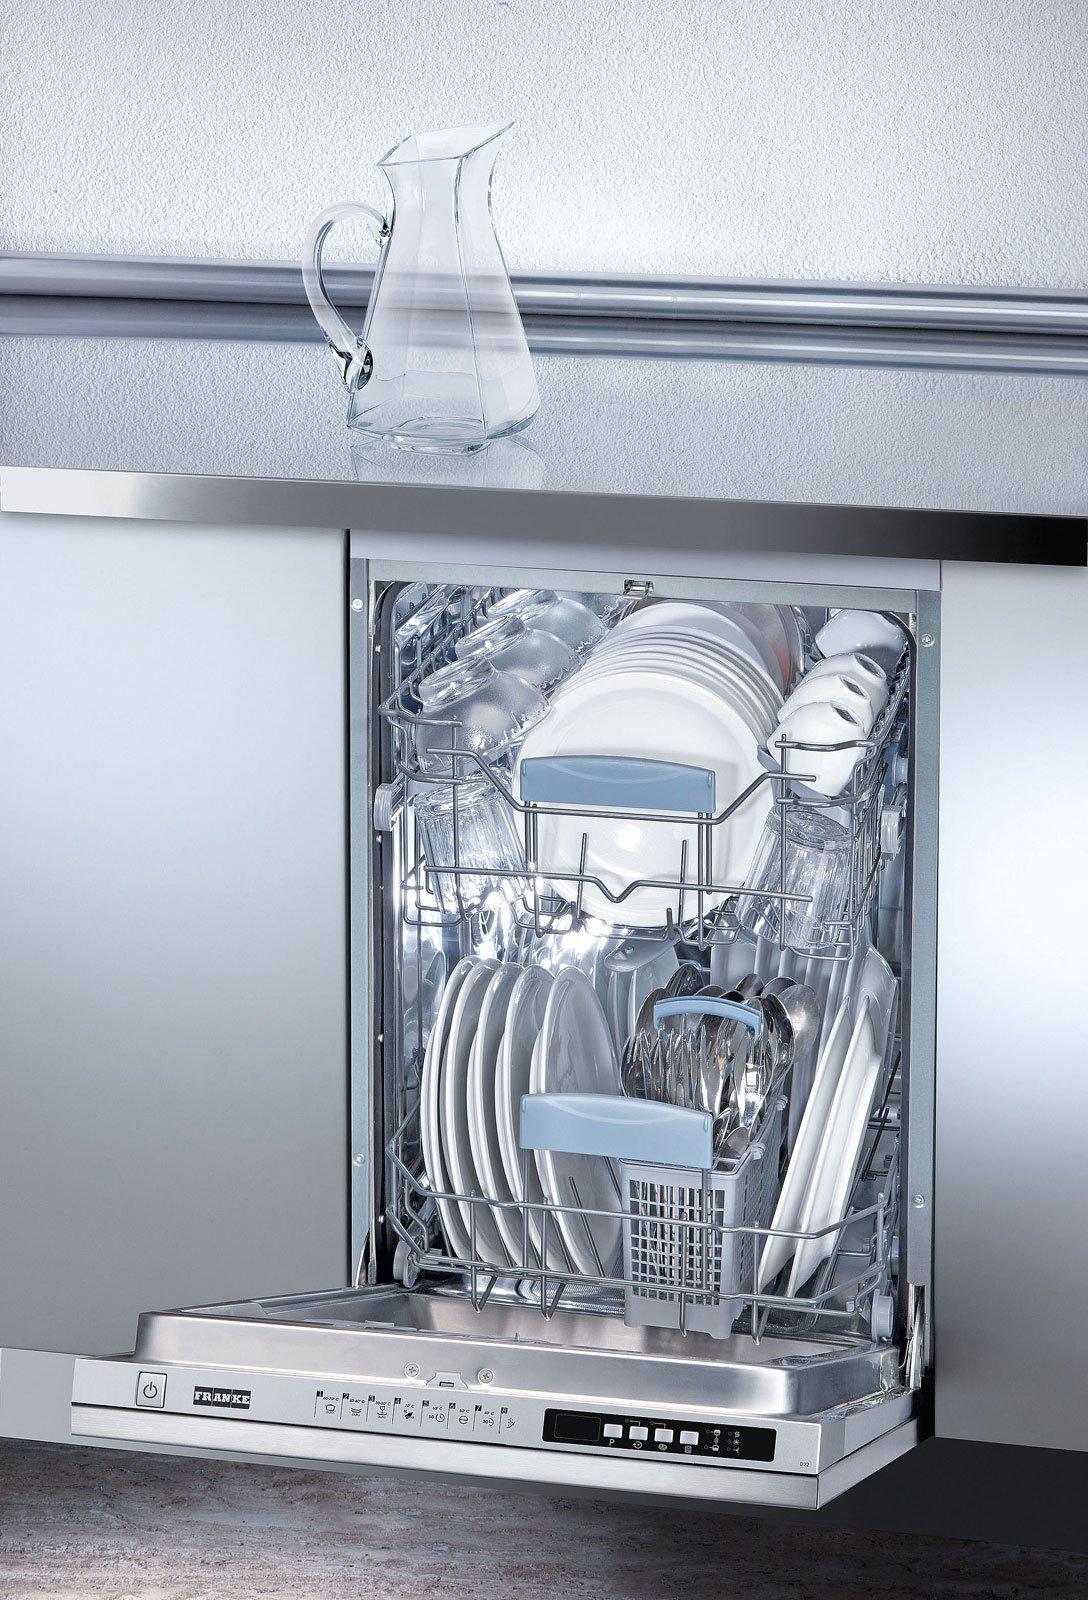 Lavastoviglie veloci e tecno cose di casa for Lavastoviglie misure standard